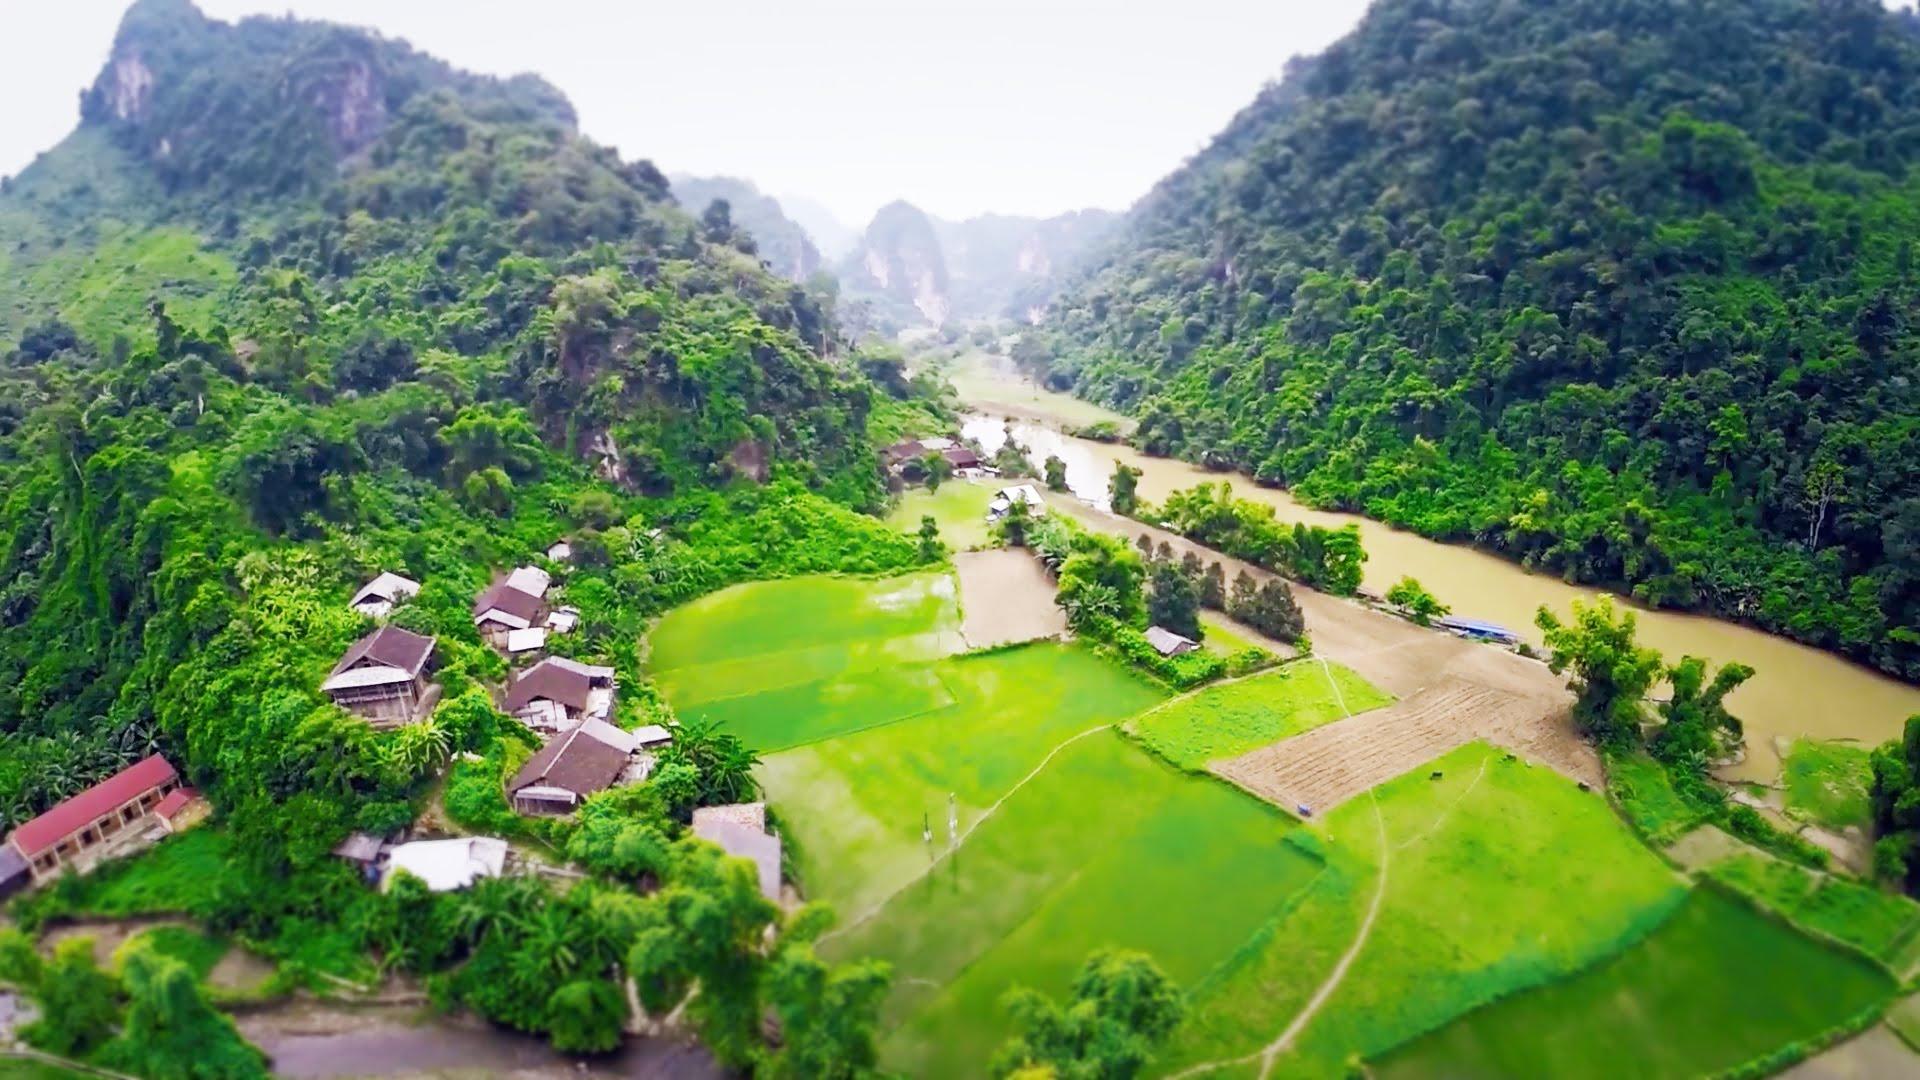 Hà Nội - Hồ Ba Bể - Động Hua Mạ - Hà Nội